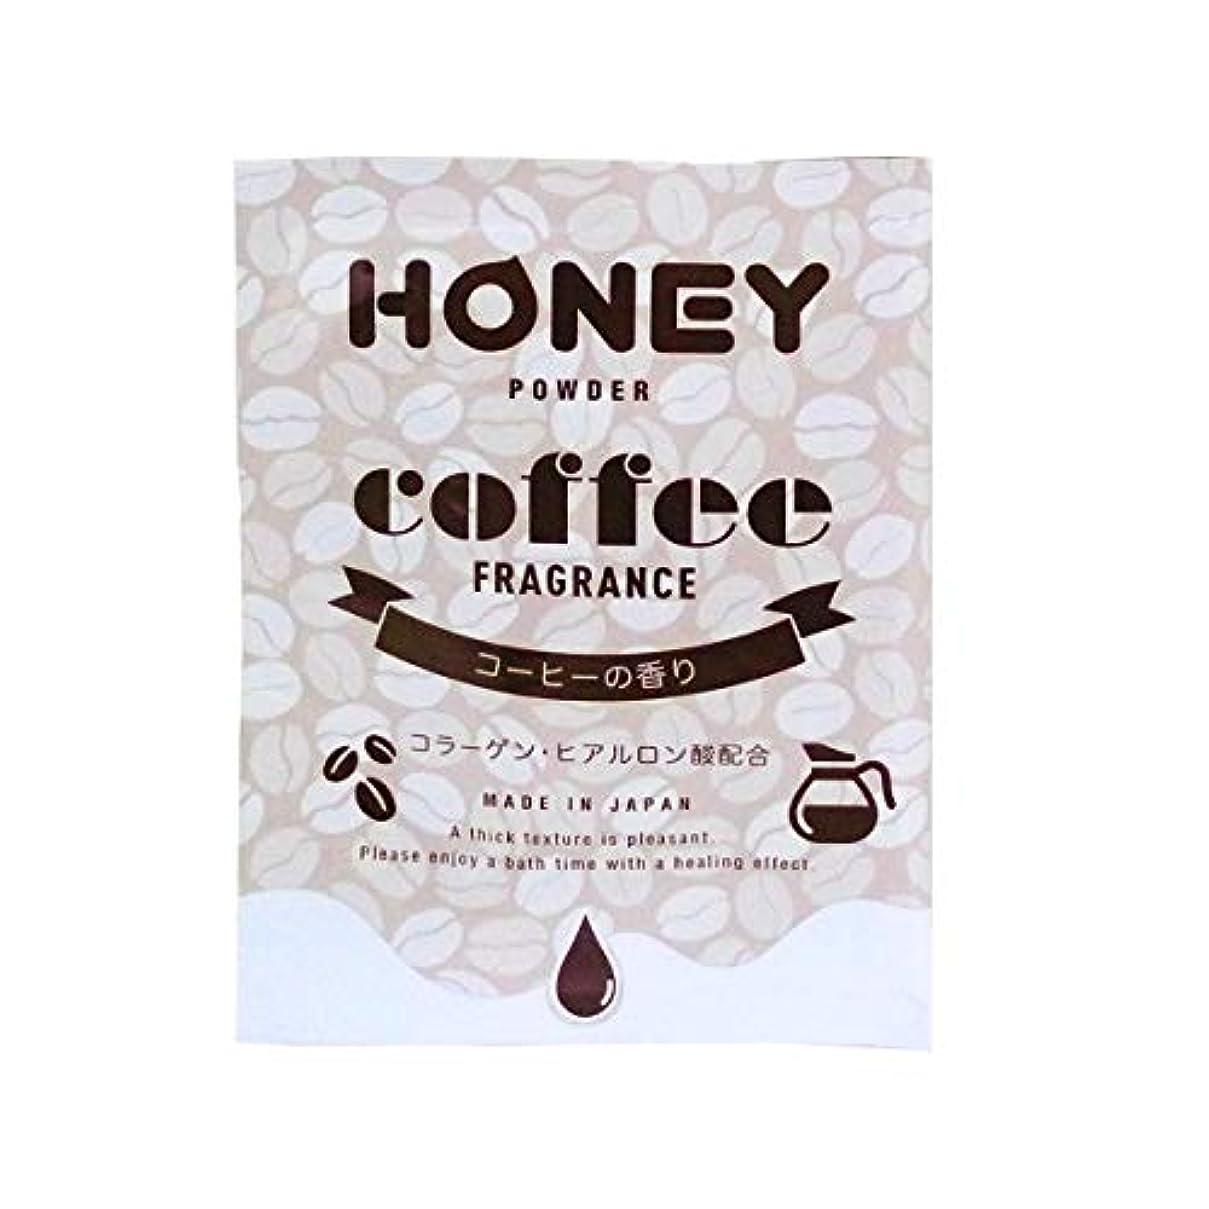 ブロンズ刑務所キネマティクスとろとろ入浴剤【honey powder】(ハニーパウダー) コーヒーの香り 粉末タイプ ローション